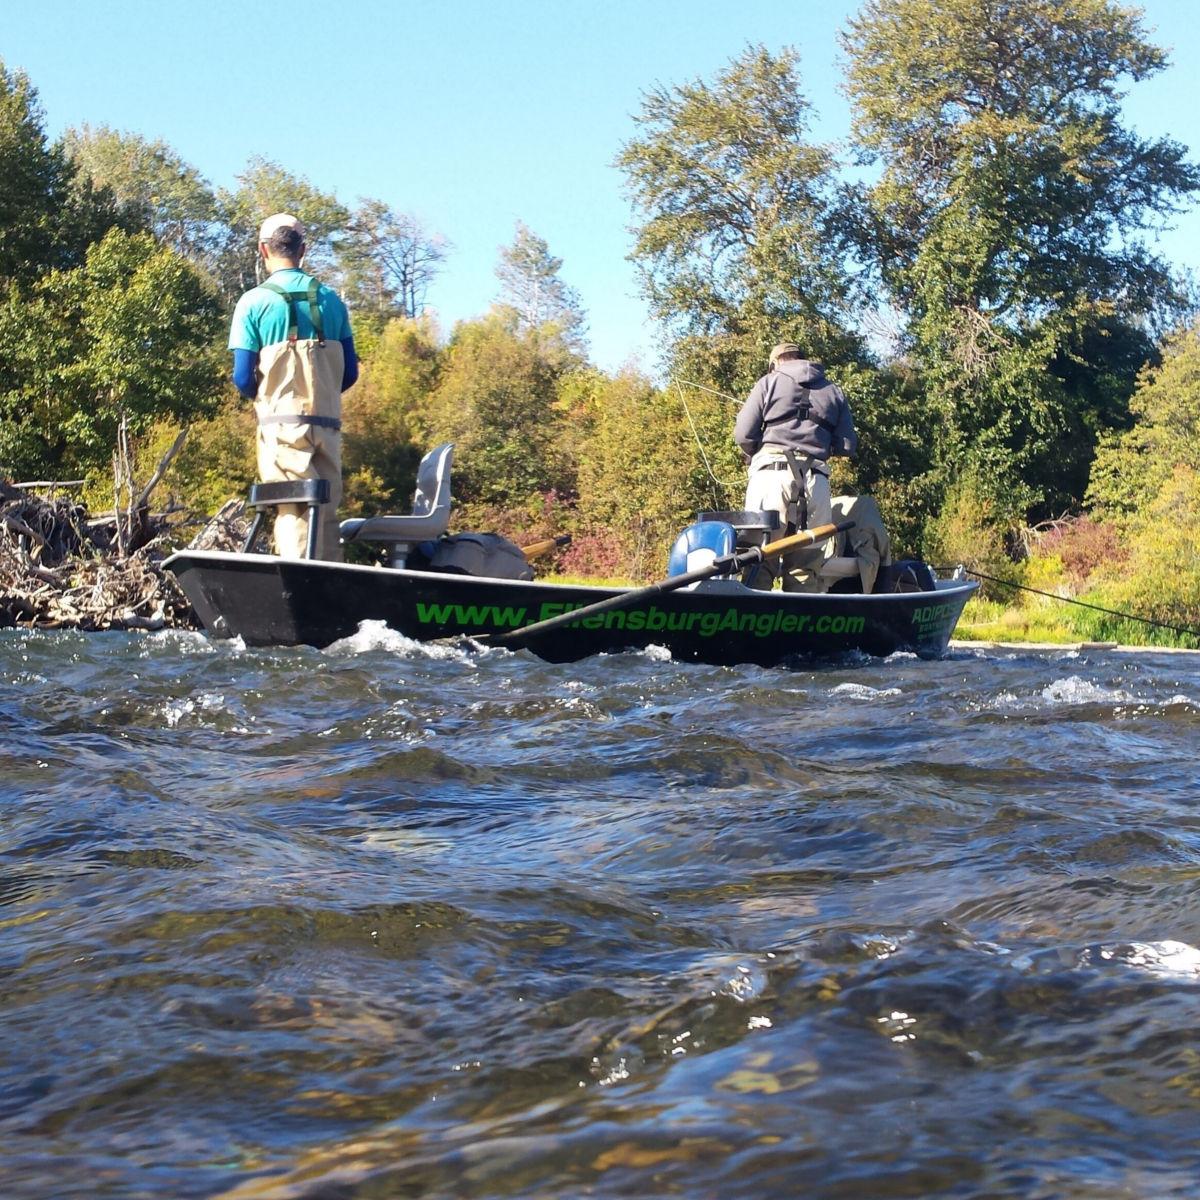 Ellensburg Angler, WA - image number 0